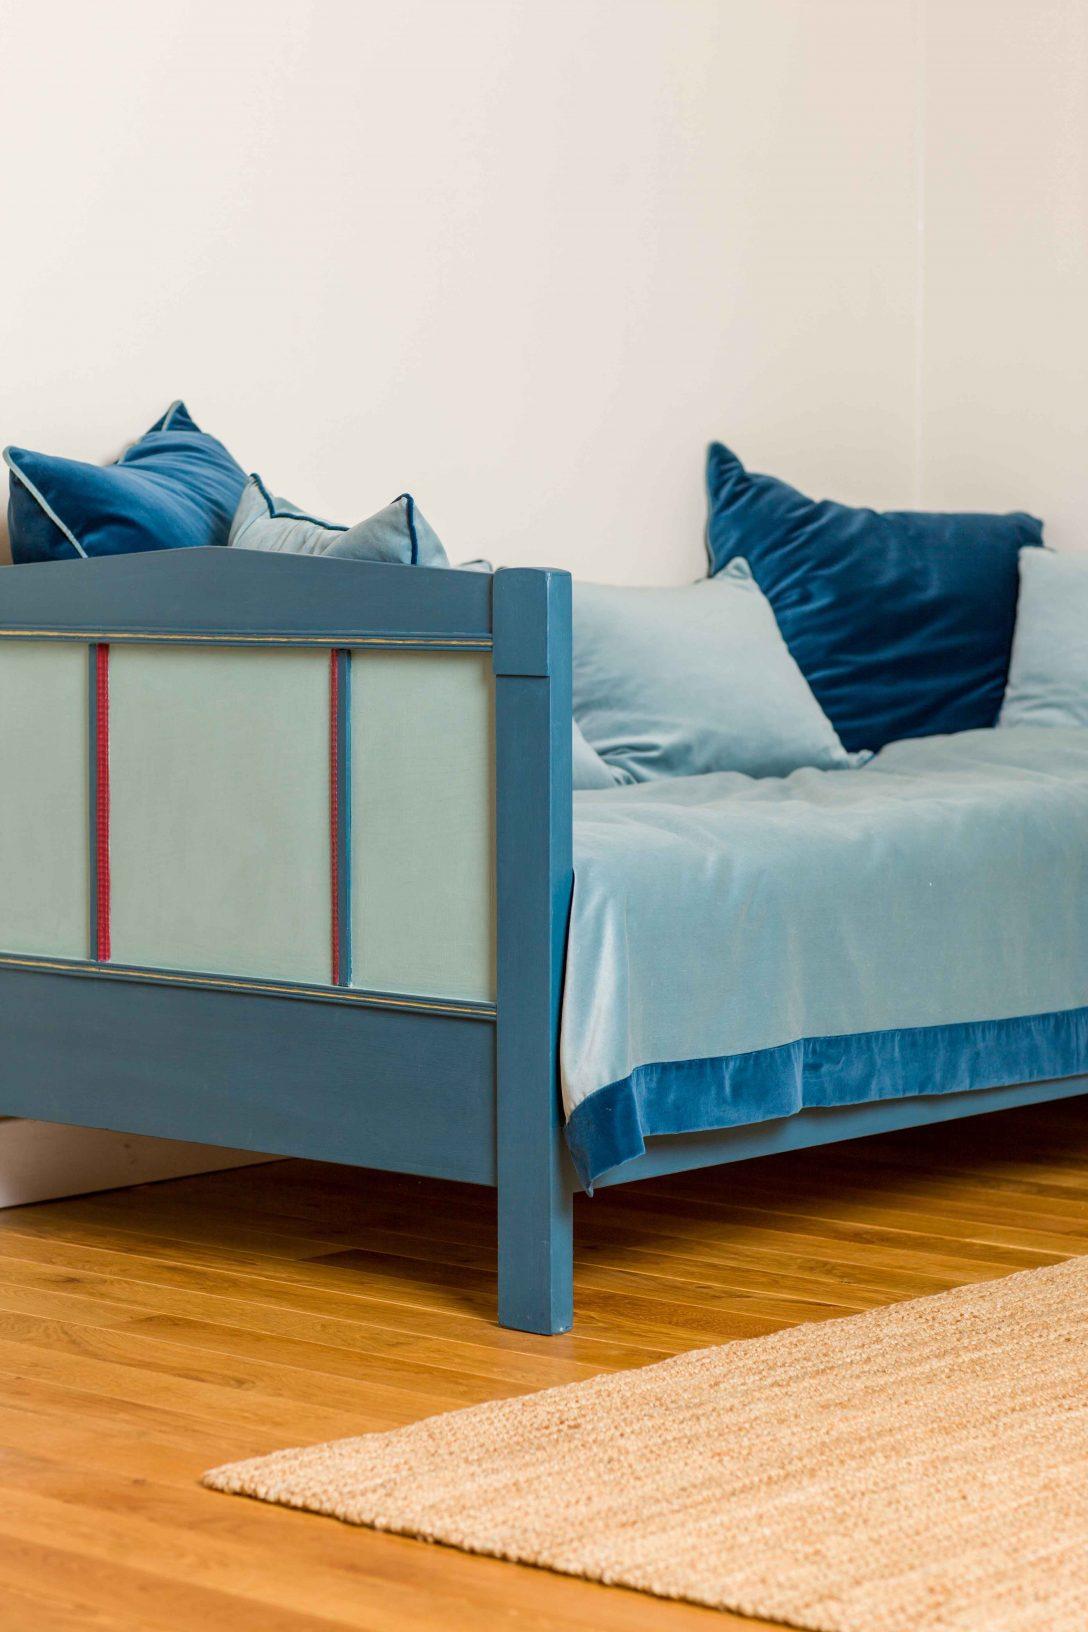 Large Size of Altes Bett In Kreide Emulsion Gestrichen Mbel Anstreichen Paradies Betten Nussbaum 180x200 140x220 140 X 200 Günstig Kaufen Platzsparend 140x200 Billerbeck Bett Altes Bett